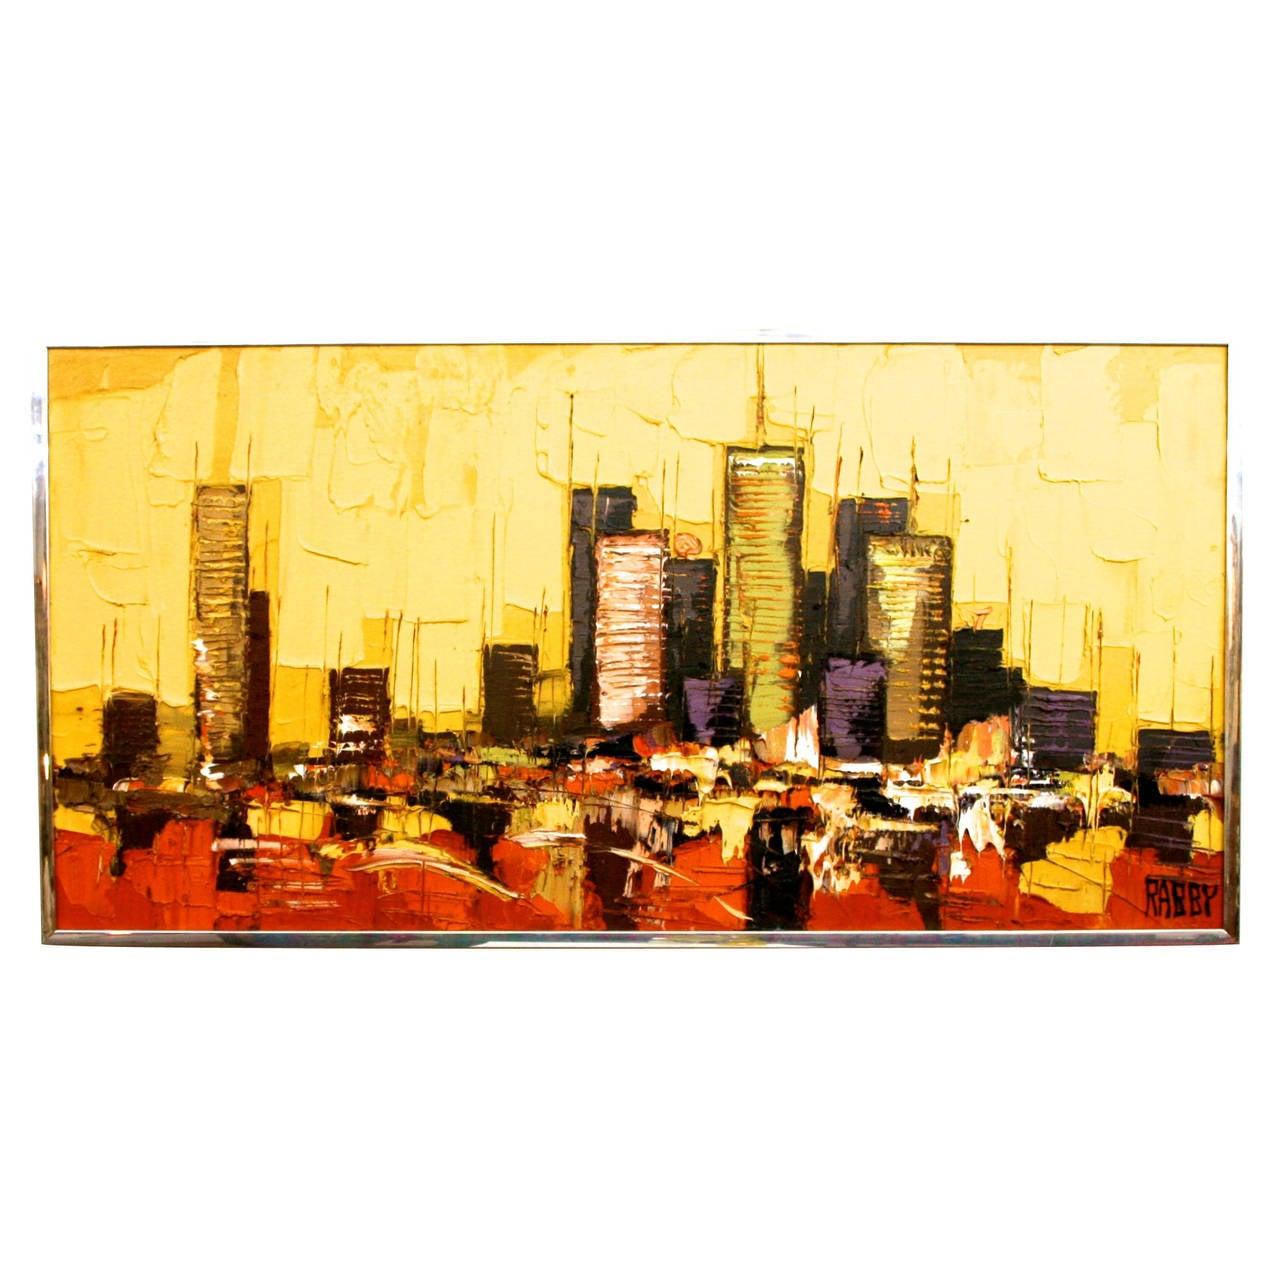 Office Furniture Houston Tx Painting: Mid-Century Modern Abstract Houston Skyline Oil Painting